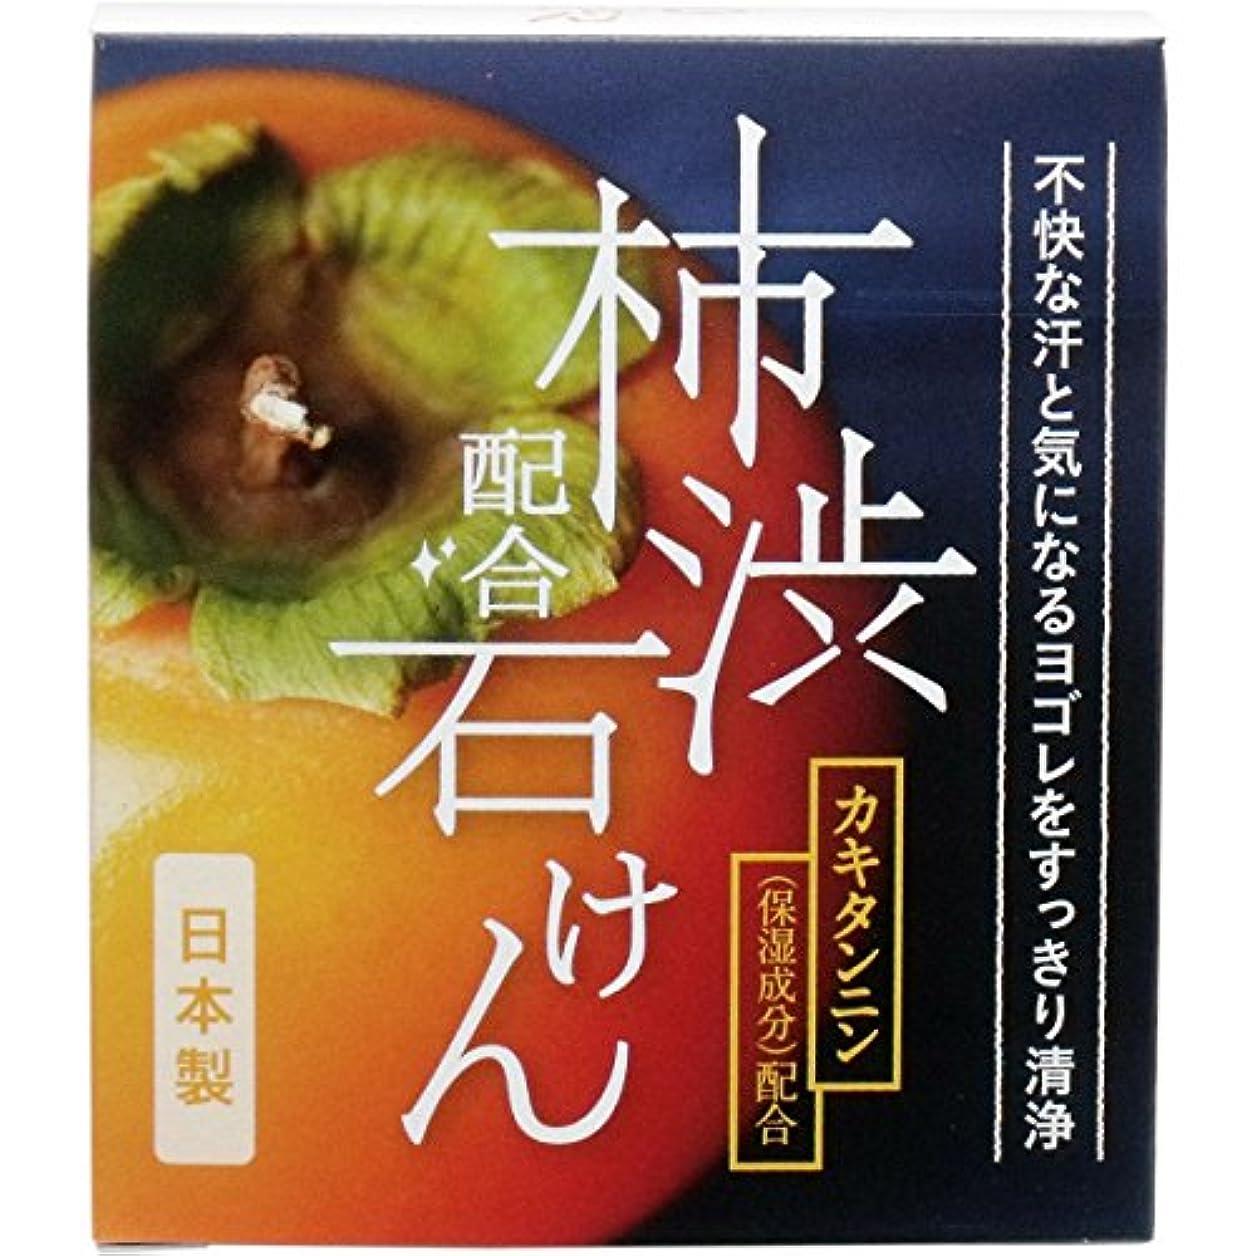 退屈侵略バイアスW柿渋配合石けん WHY-SKA 100g